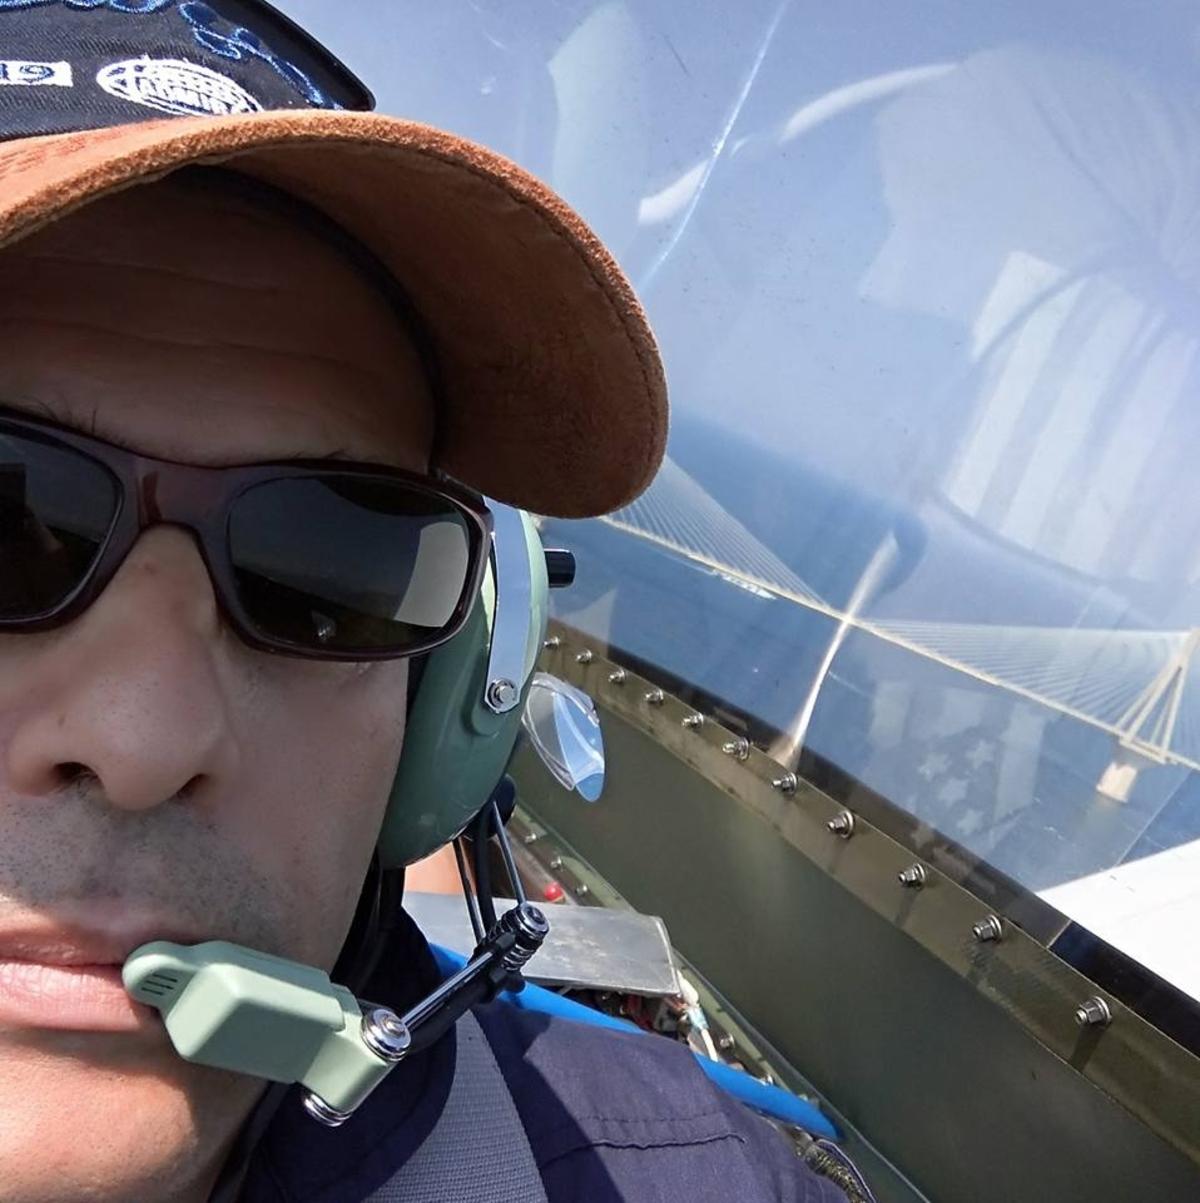 pilotos 105 - Μεσολόγγι: Αυτός είναι ο πιλότος του αεροσκάφους που κατέπεσε – Άκαρπες οι έρευνες